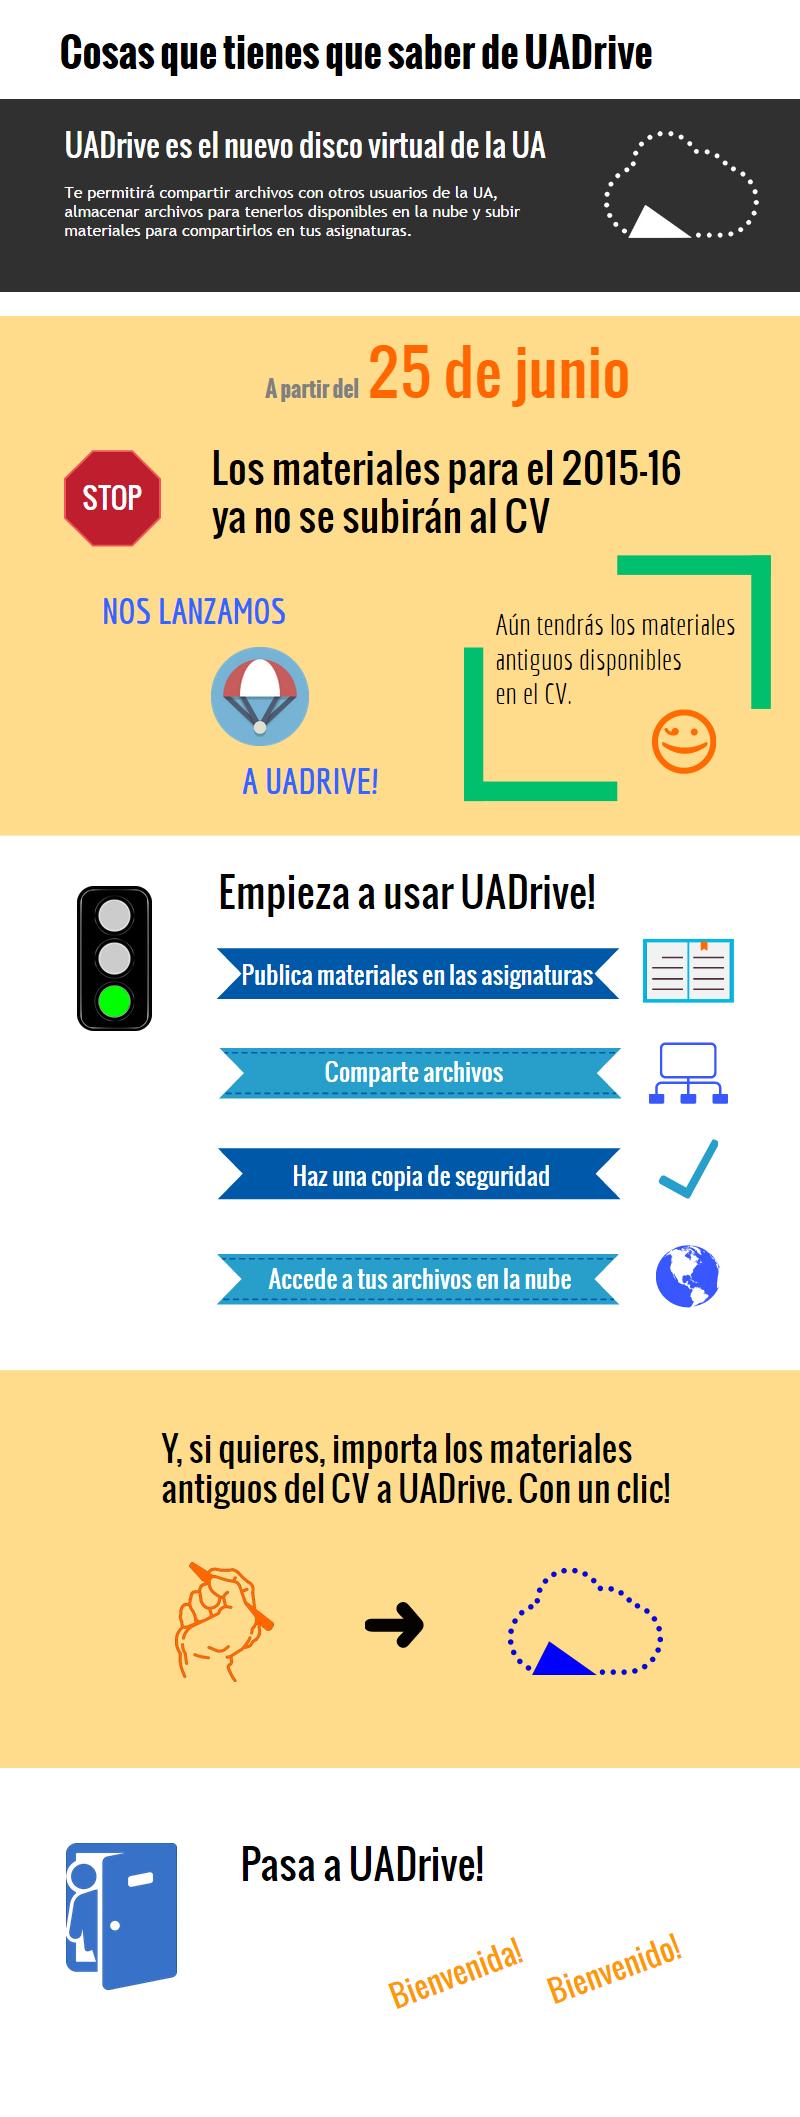 Cosas que tienes que saber sobre UADrive